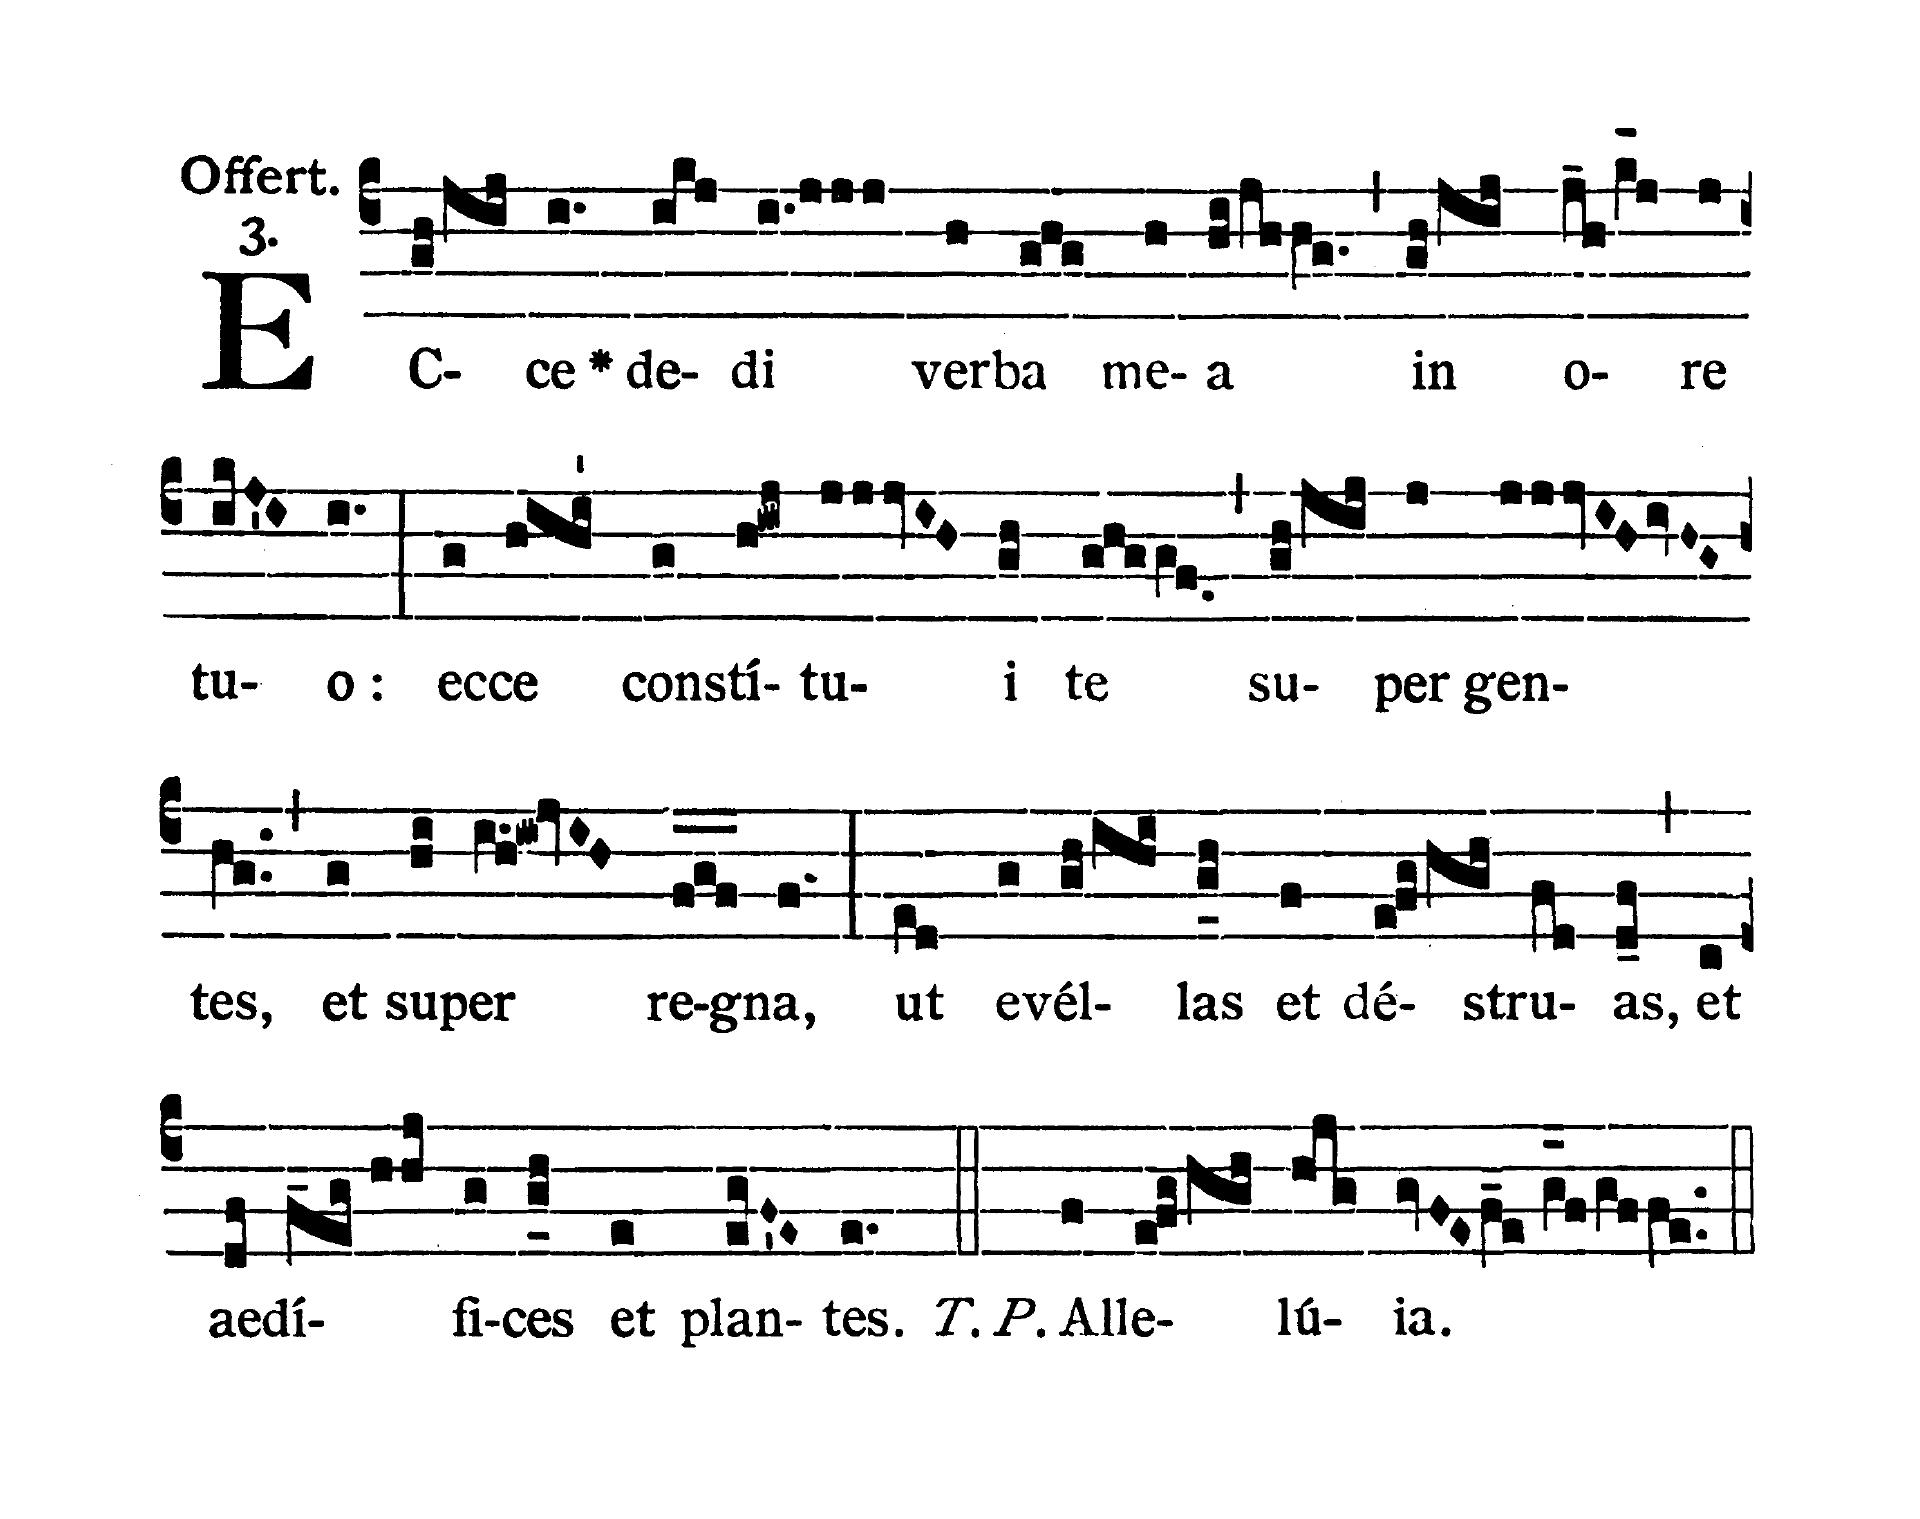 Sancti Silvestri I Papae et Confessoris (Świętego Sylwestra I Papieża i Wyznawcy) - Offertorium (Ecce dedi)